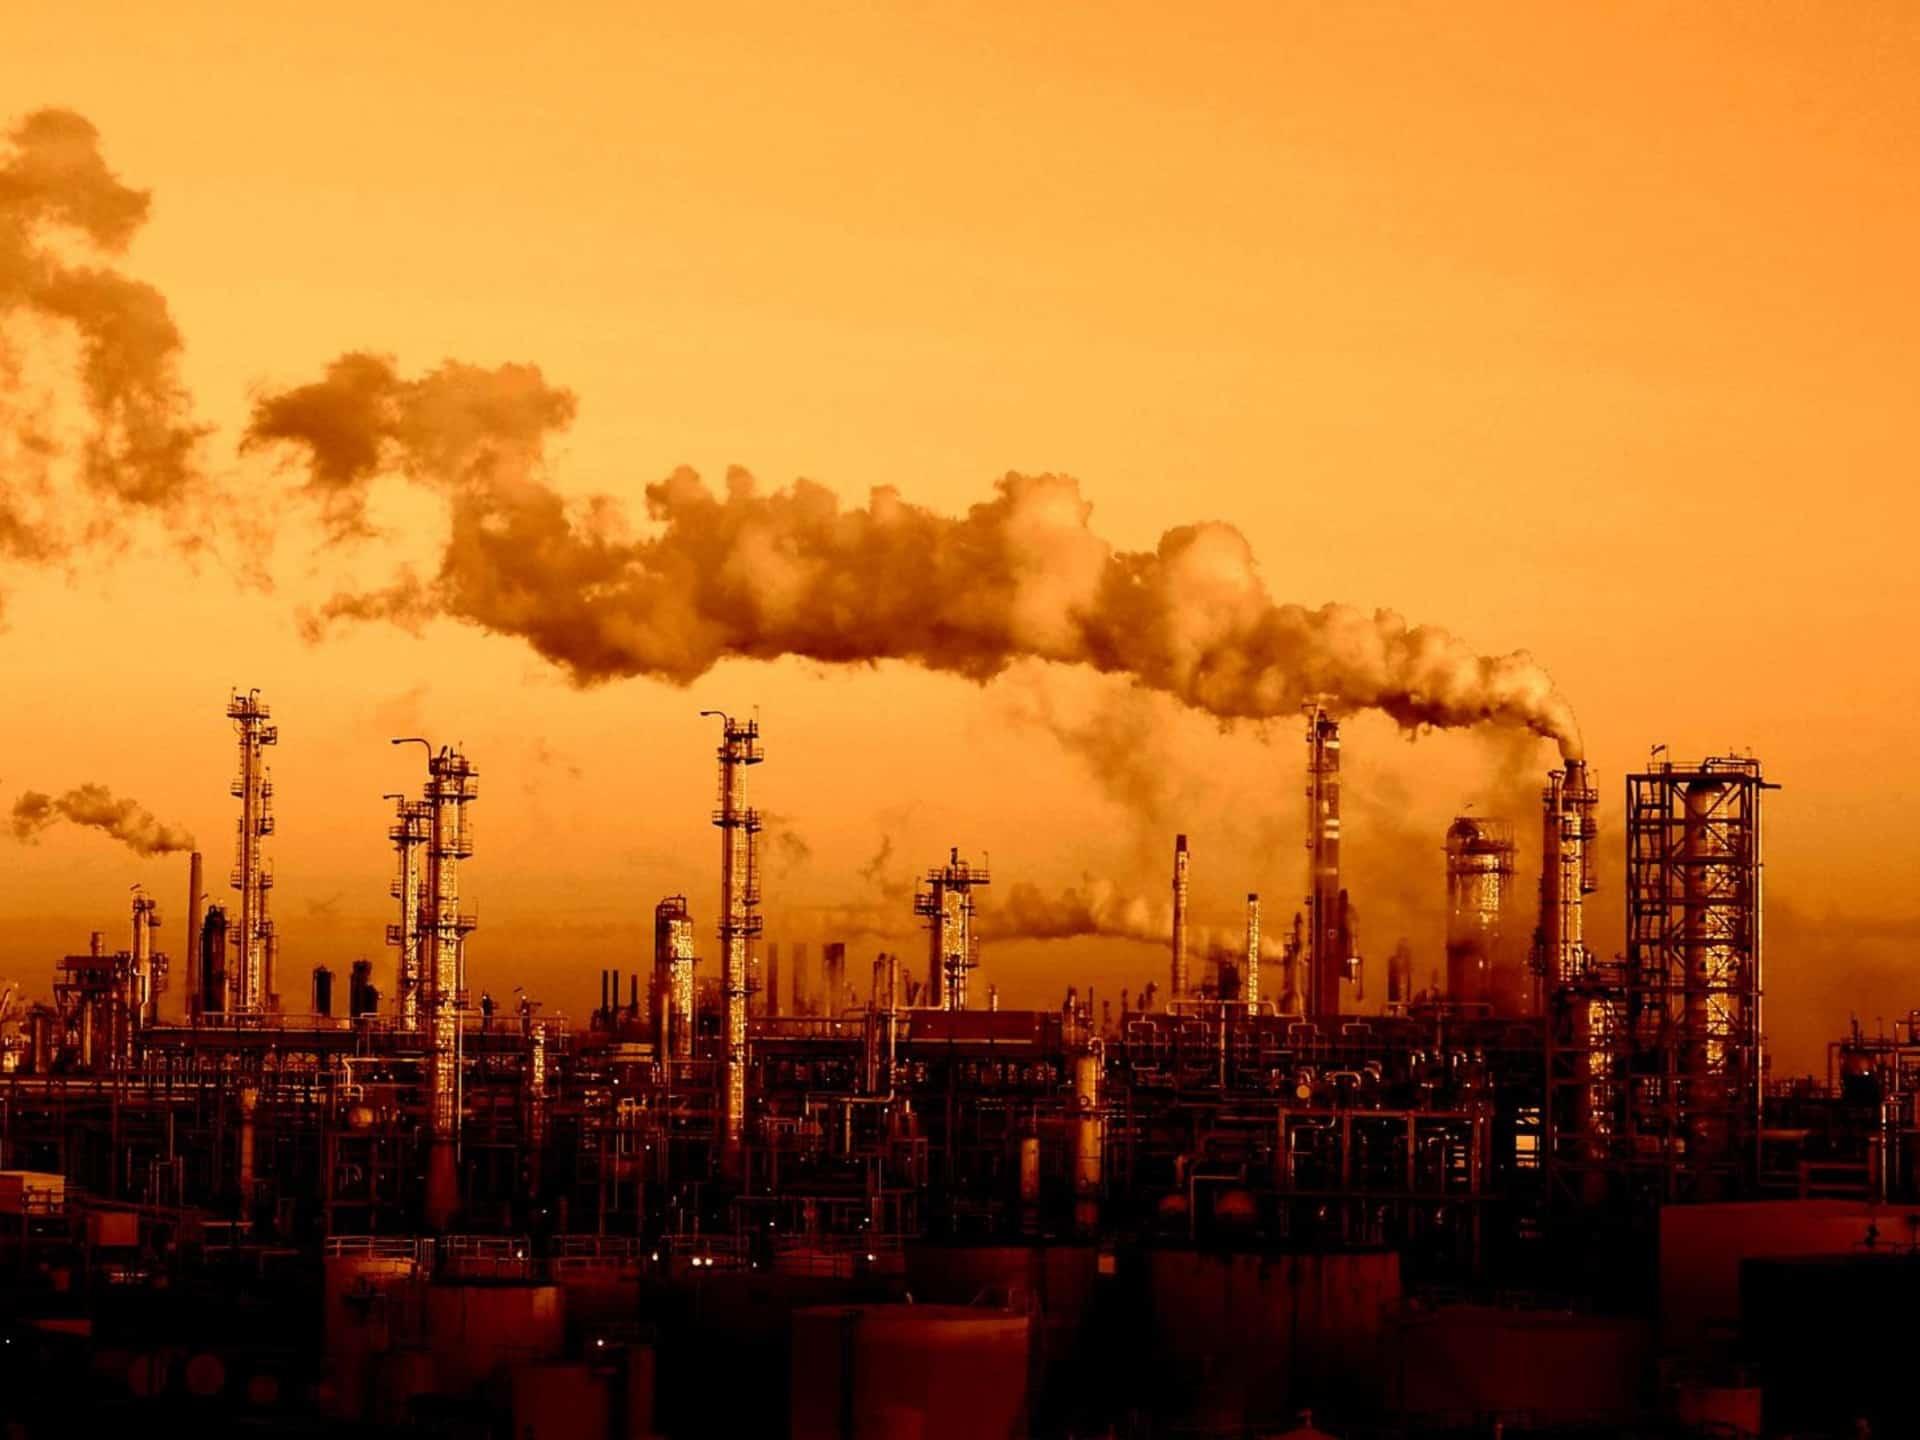 التلوث البيئي الأسباب والحلول